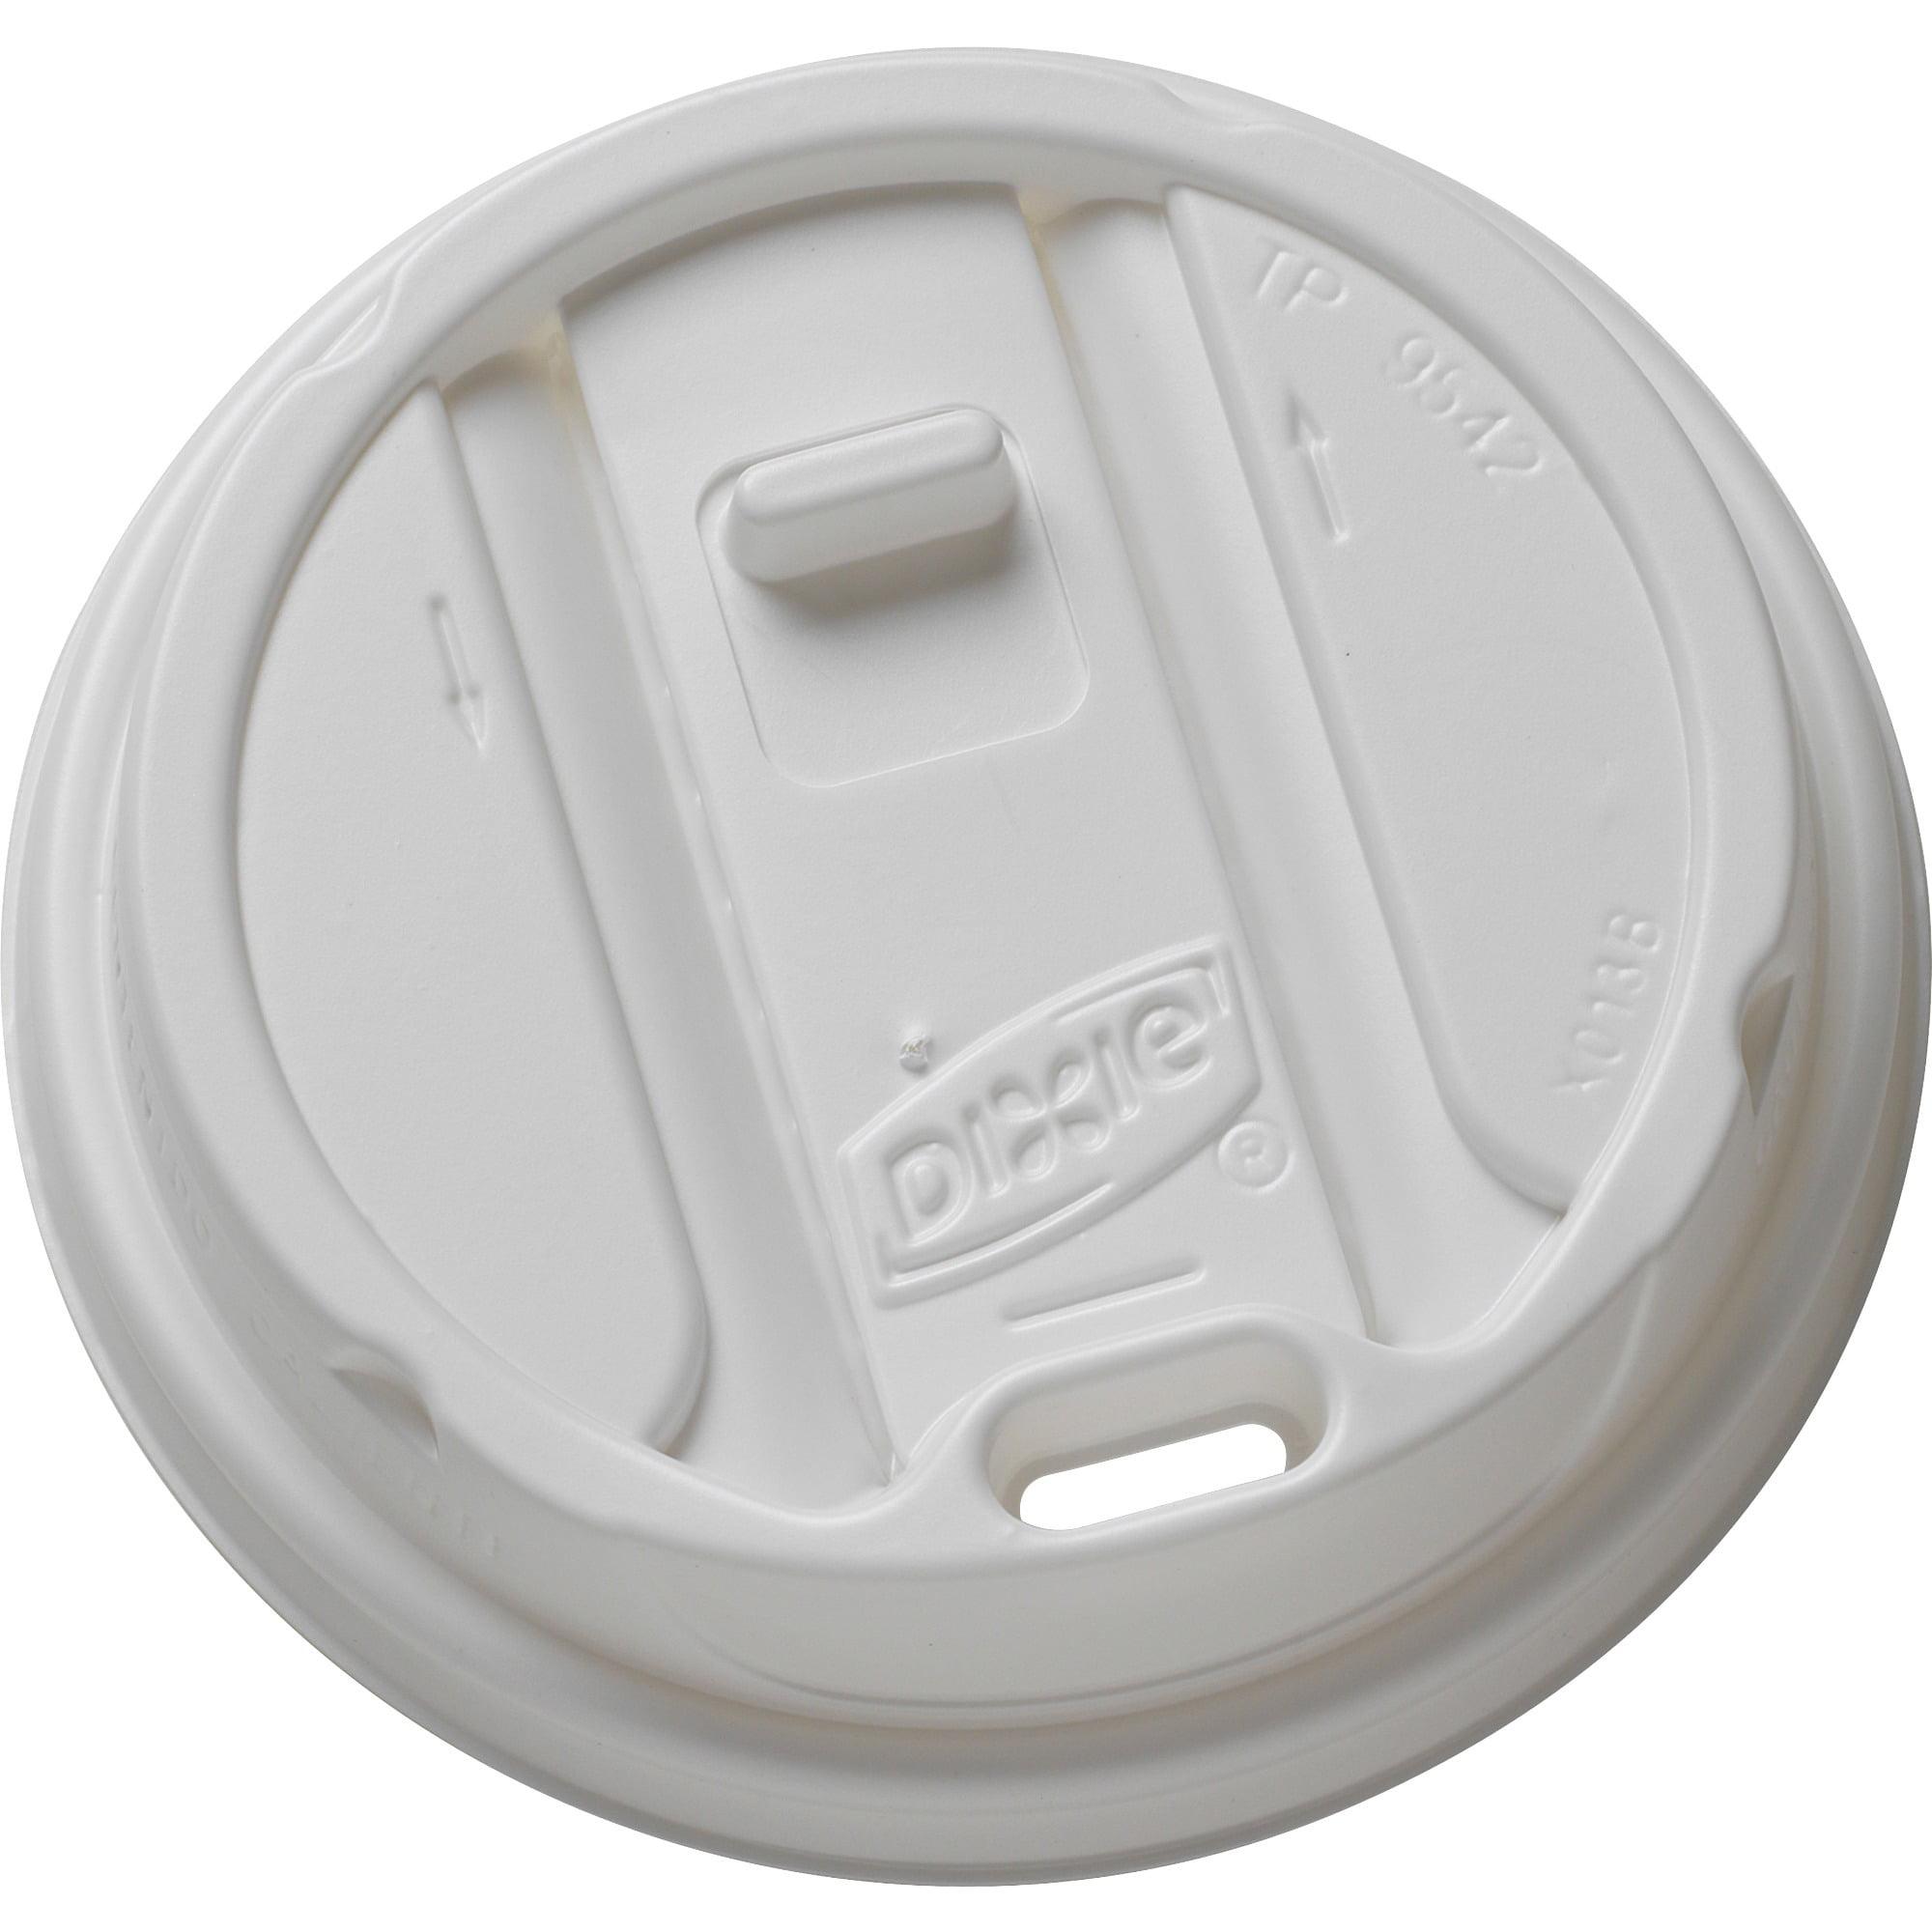 Smart Top Reclosable Hot Cup Lids